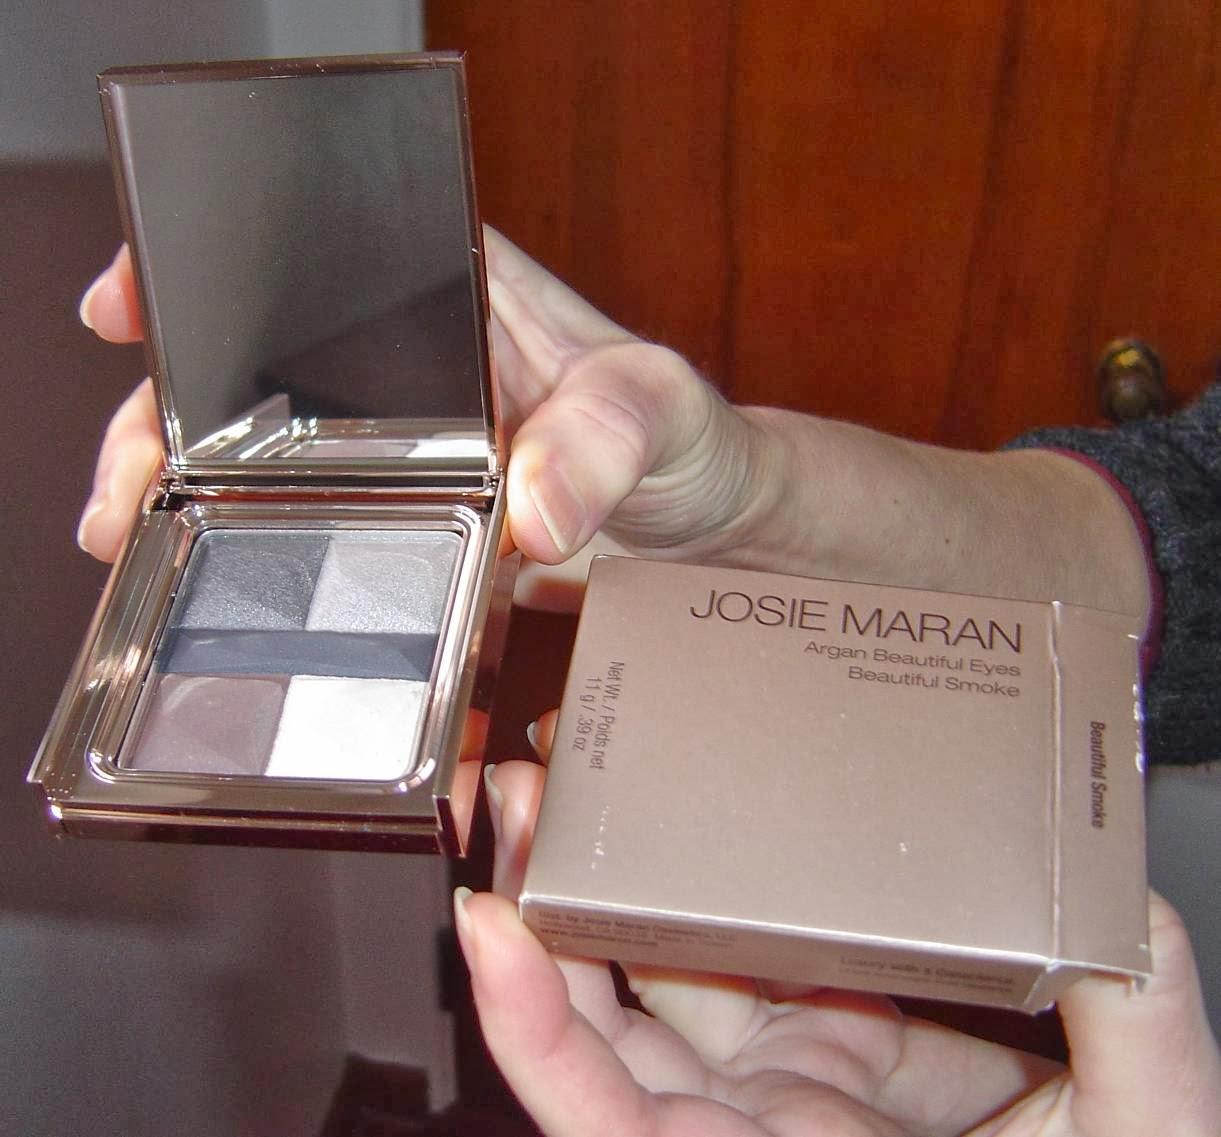 Josie Maran Argan Beautiful Eyes Palette (Beautiful Smoke)